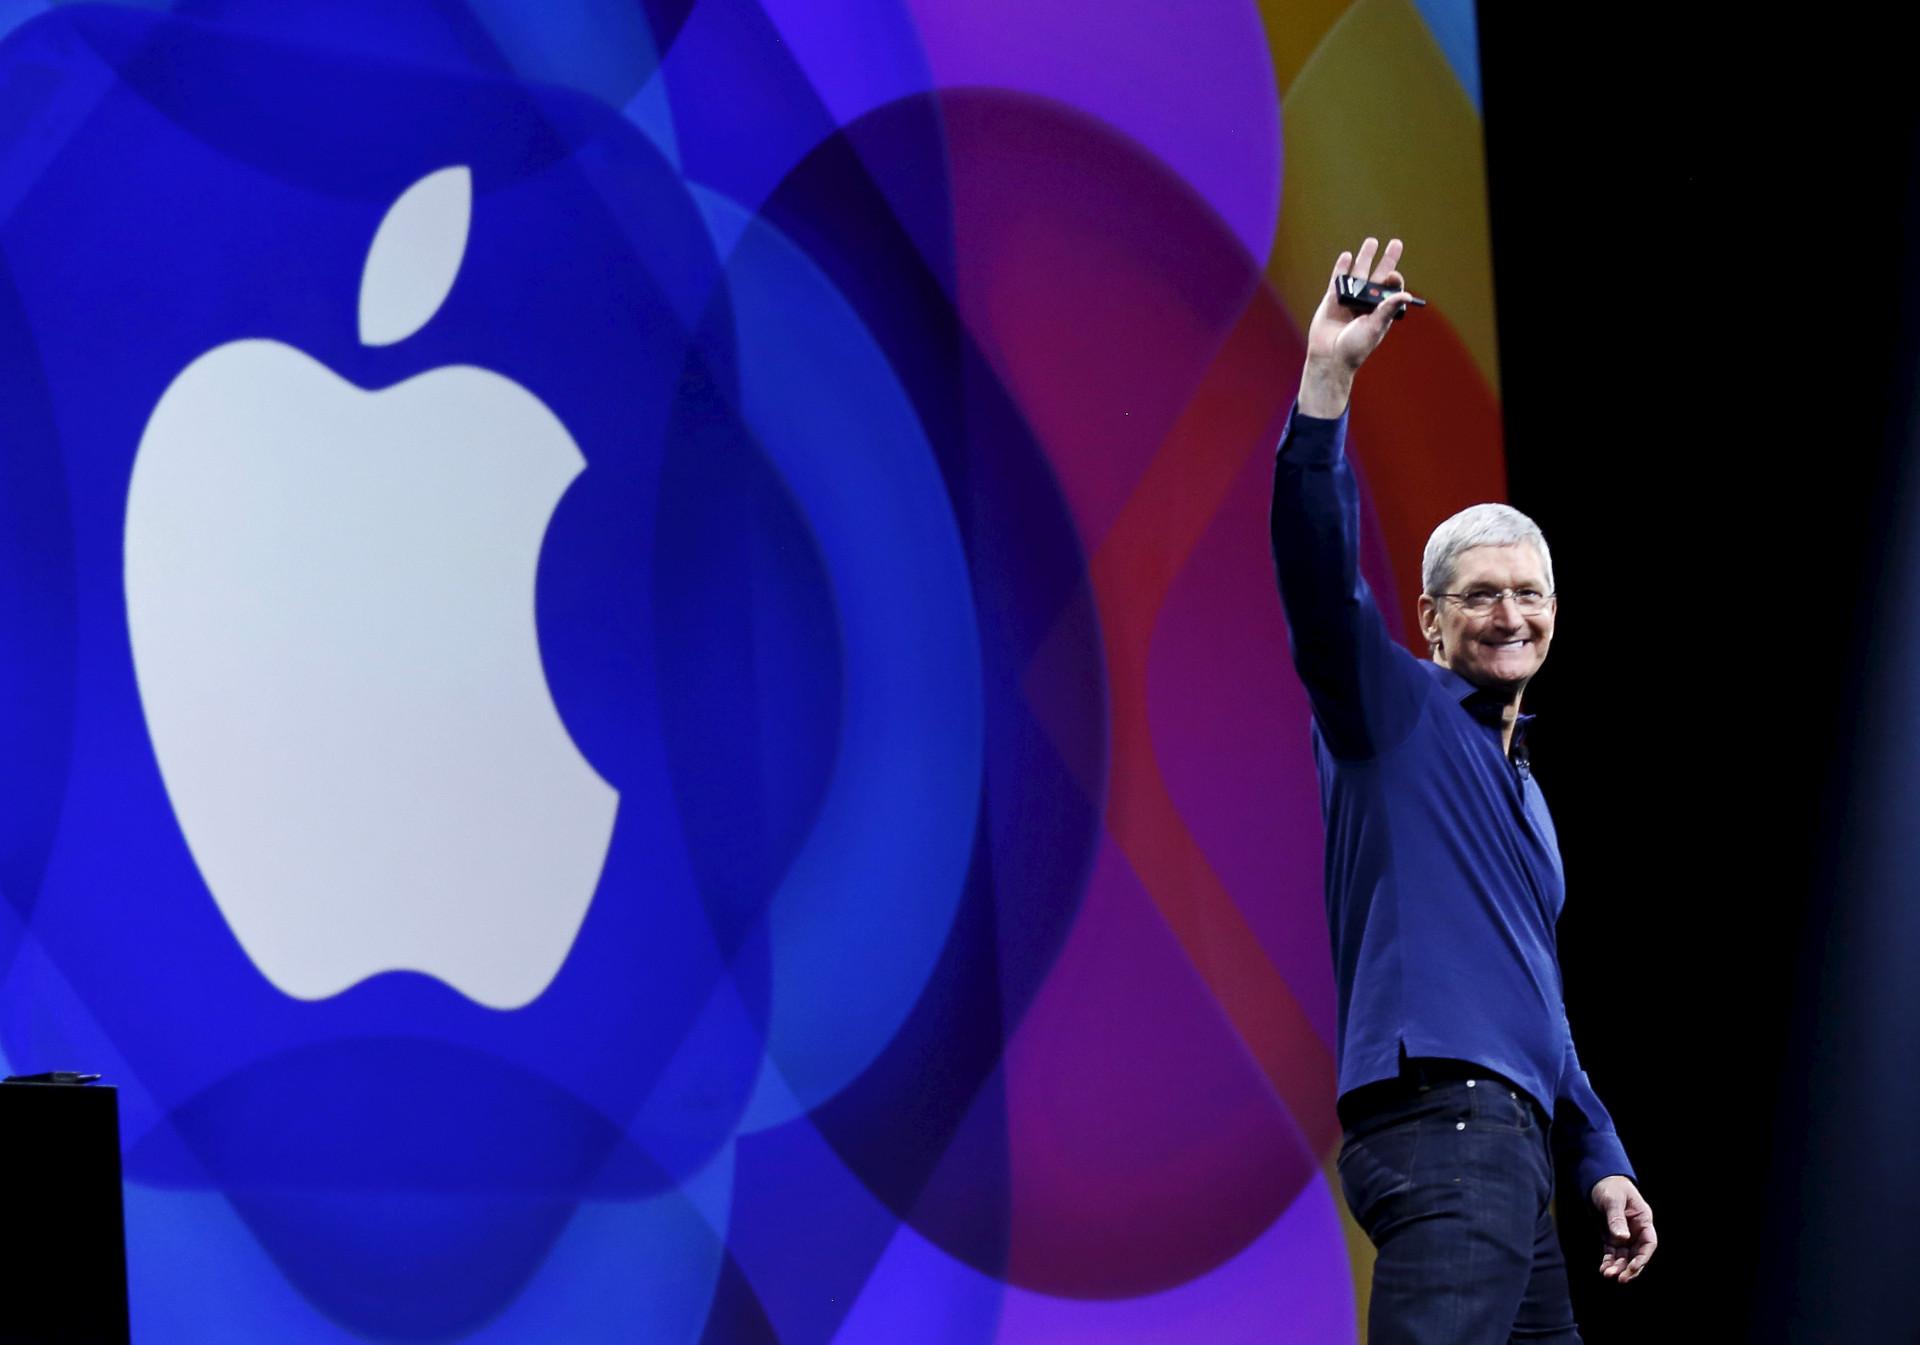 Eis as 10 marcas mais valiosas do mundo